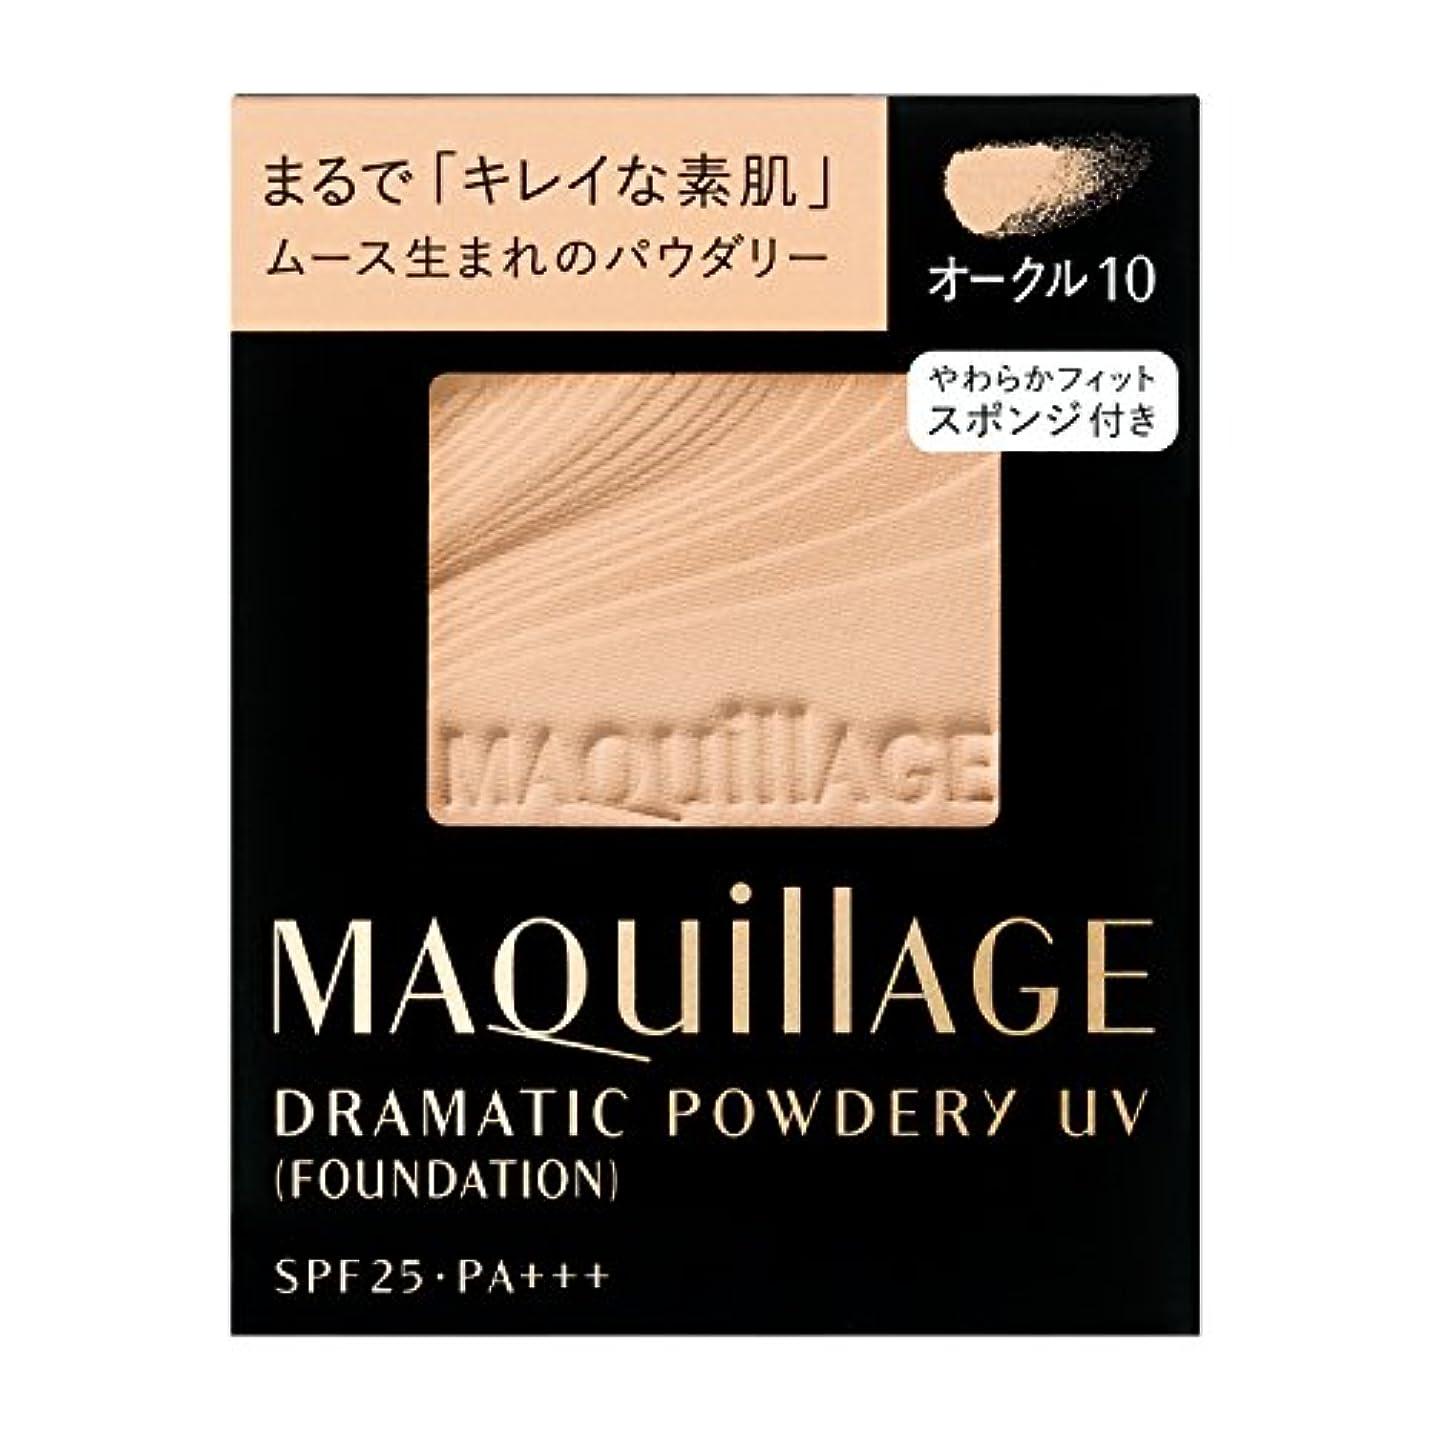 ドロー管理塩[2個セット]マキアージュ ドラマティックパウダリー UV オークル10 (レフィル) 9.3g×2個